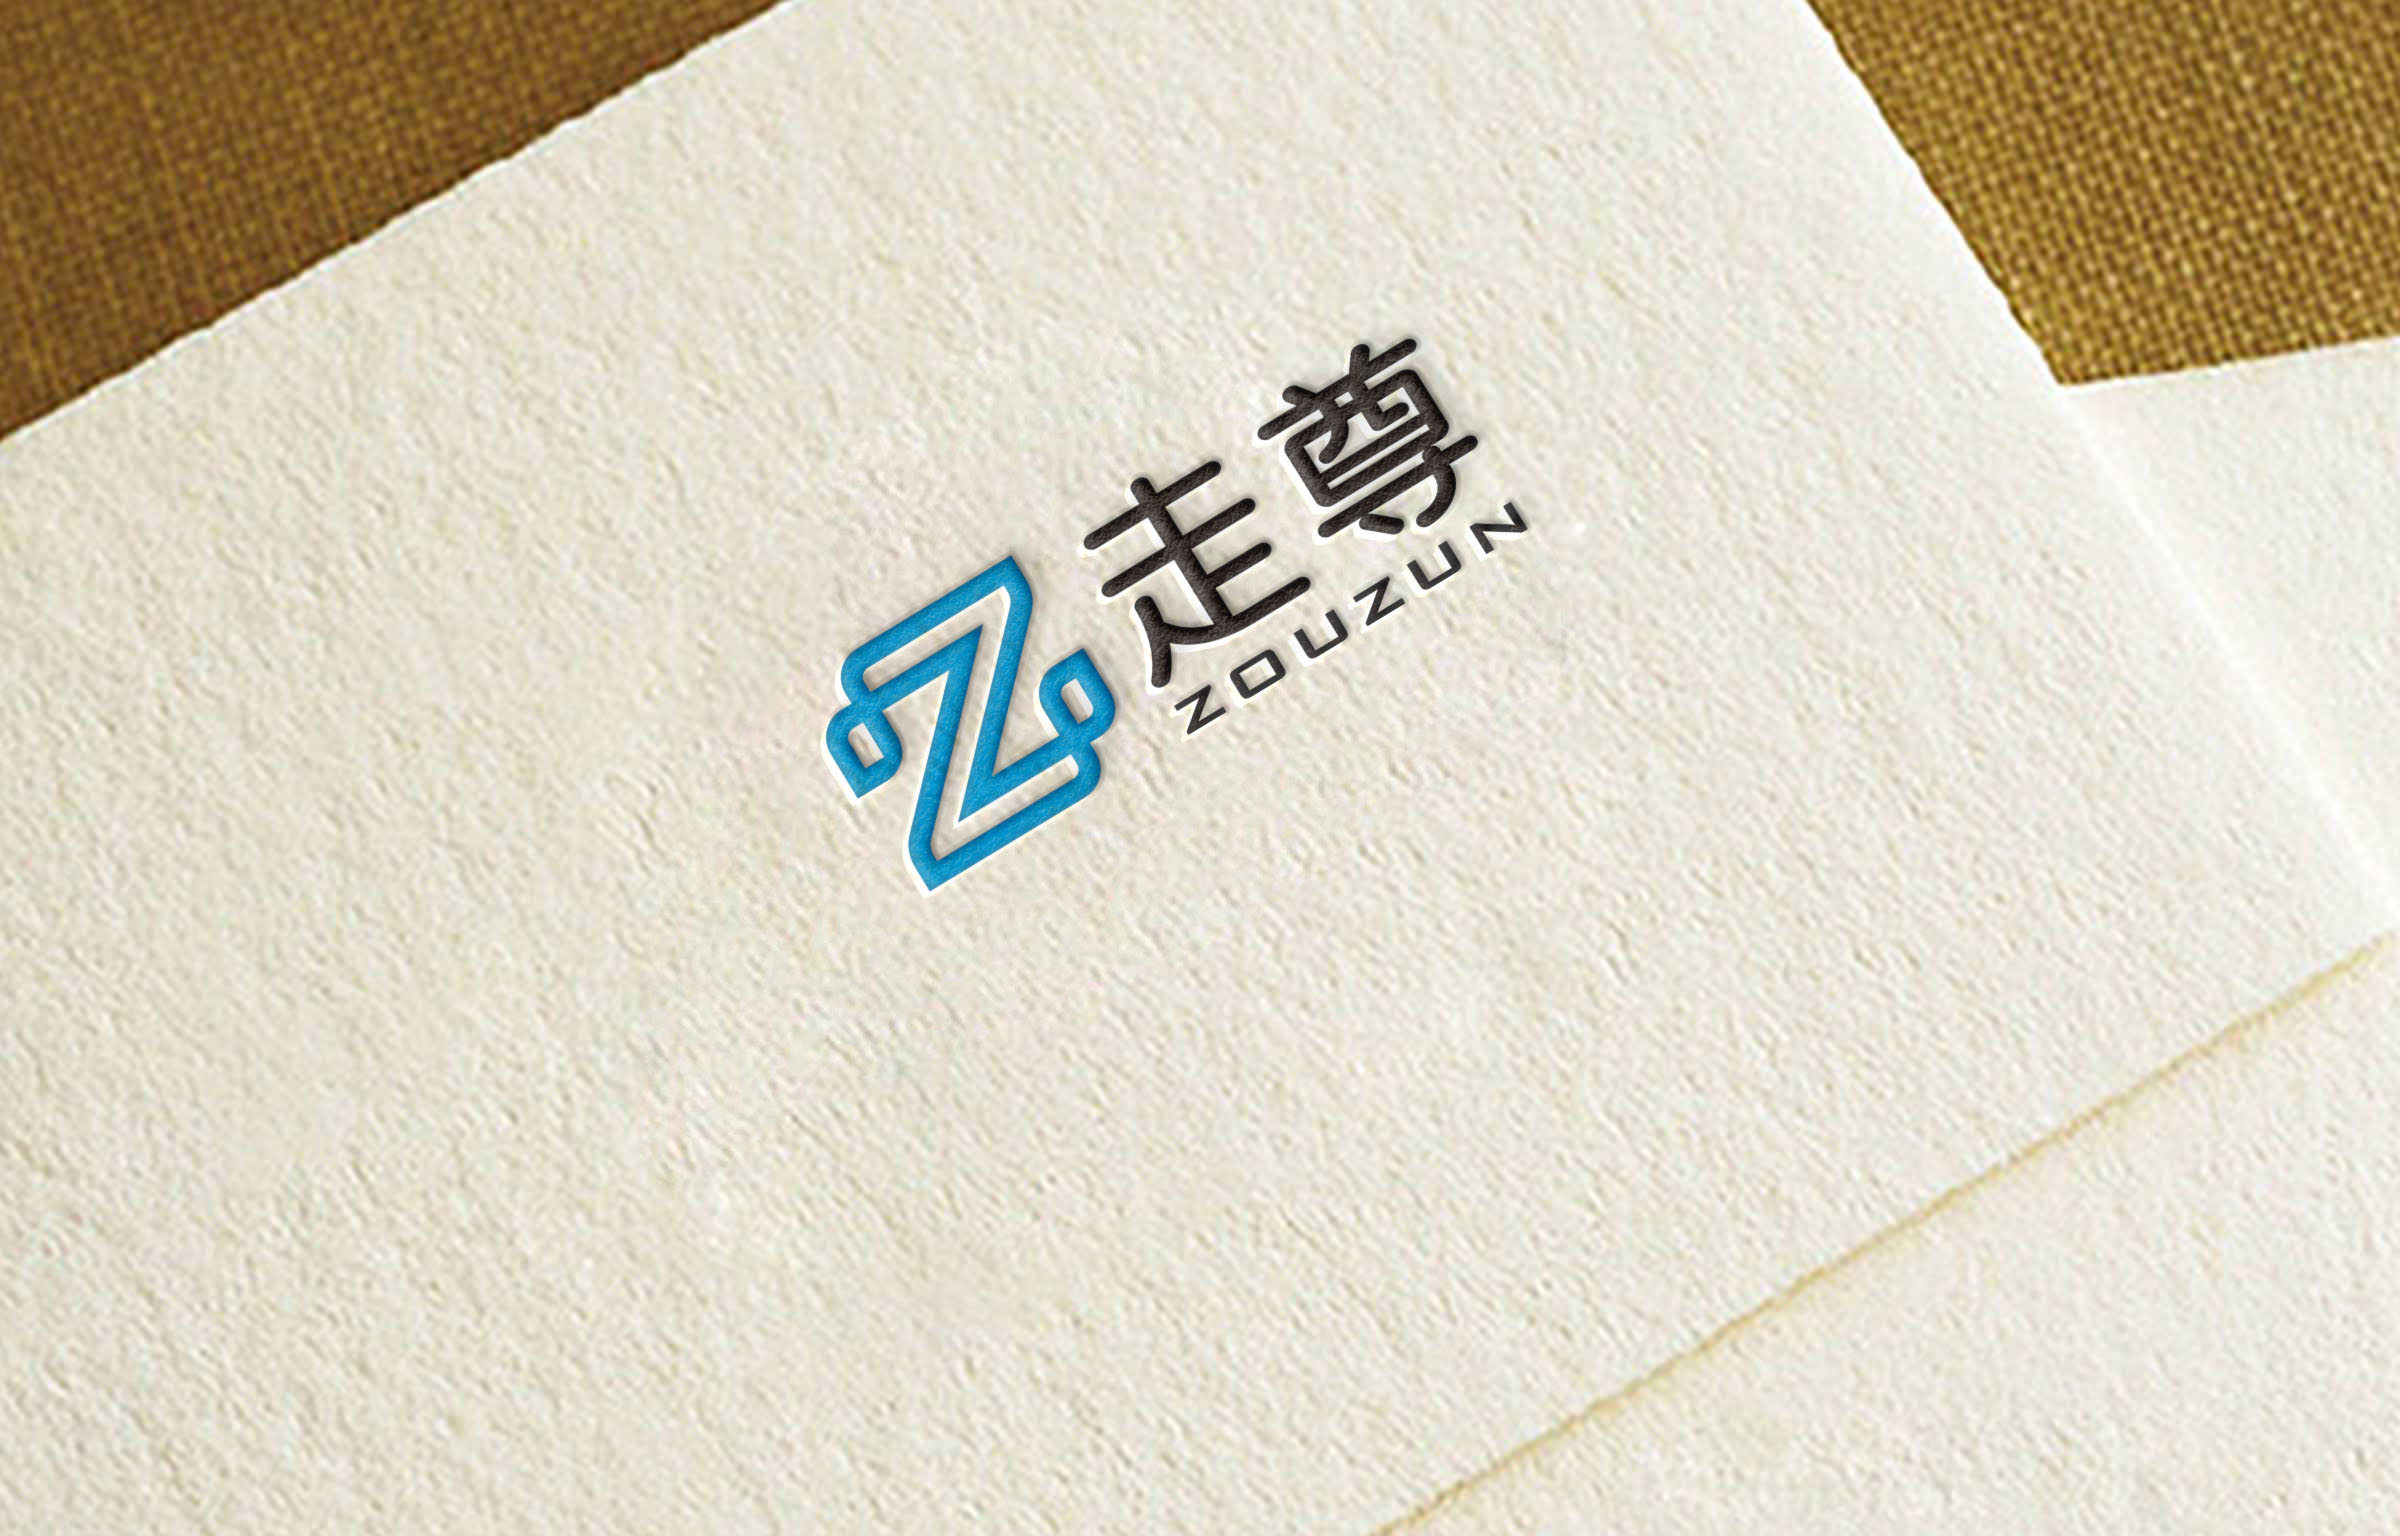 logo标志设计_3033233_k68威客网